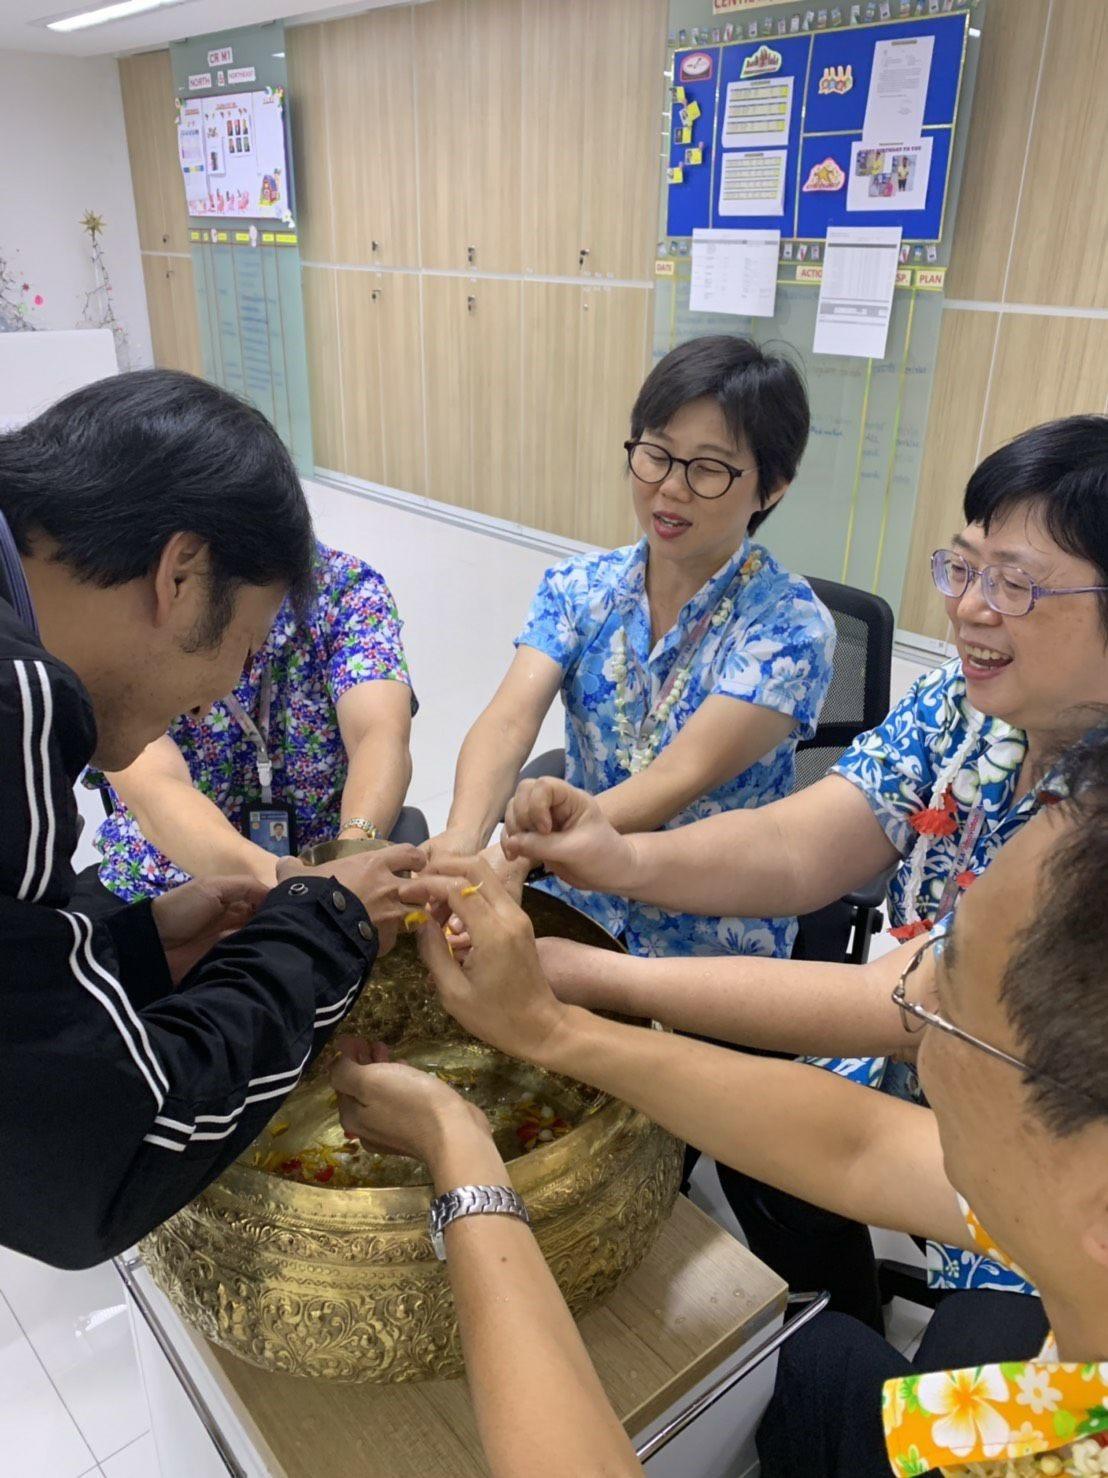 ใช้น้ำสะอาดที่ใส่กลีบดอกไม้รดลงบนฝ่ามืออวยพรให้แก่ผู้อาวุโสไทย